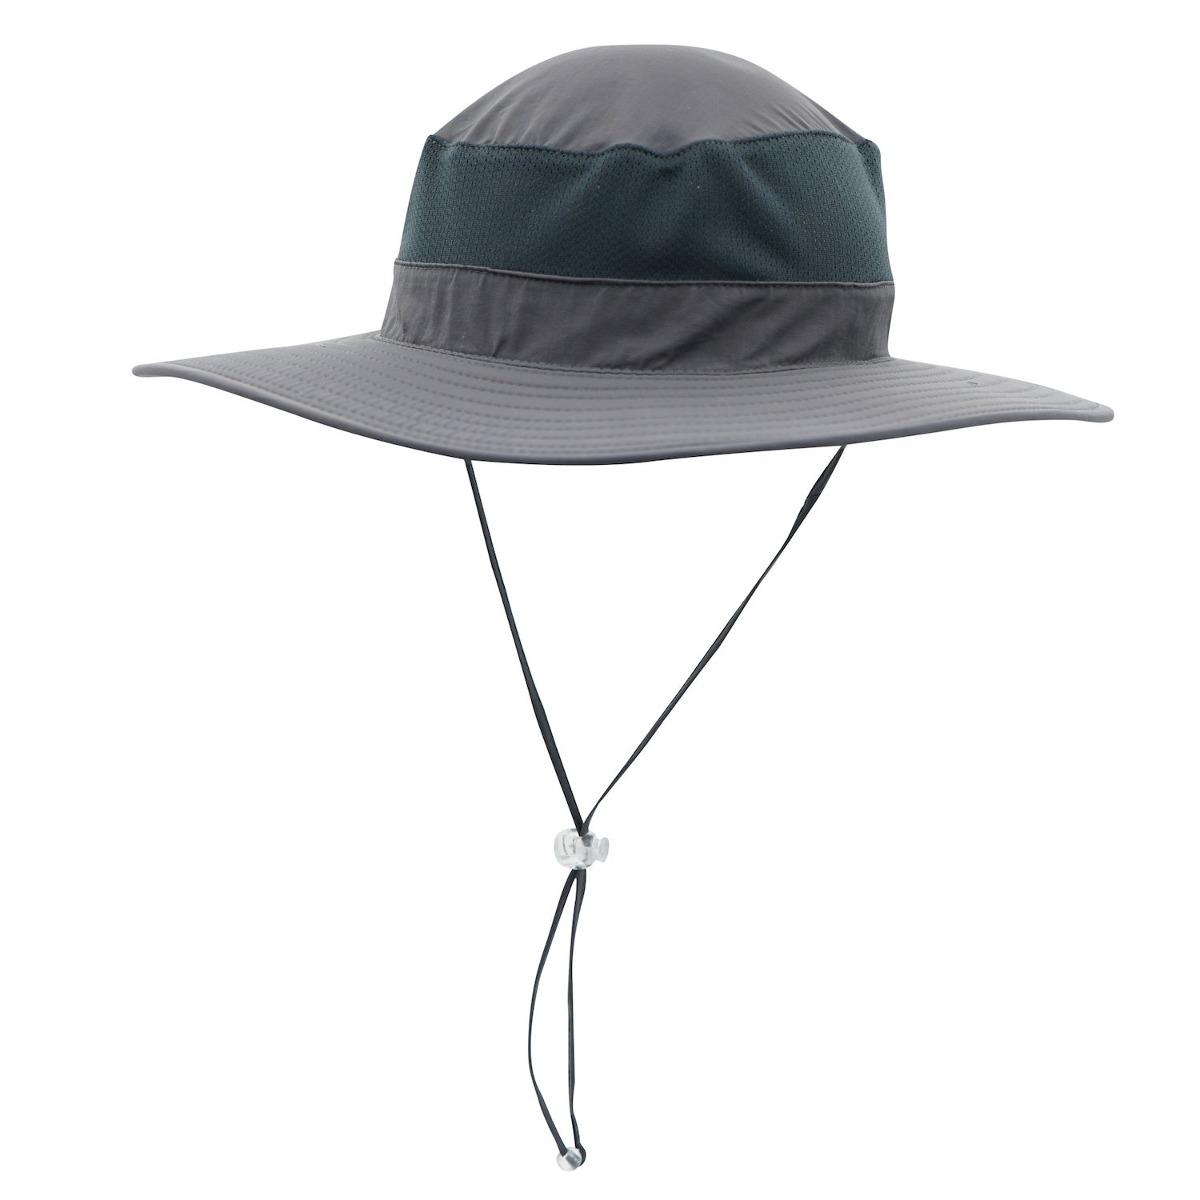 6aa252e2390eb home prefer sombrero de sol para hombre sombrero de malla so. Cargando zoom.